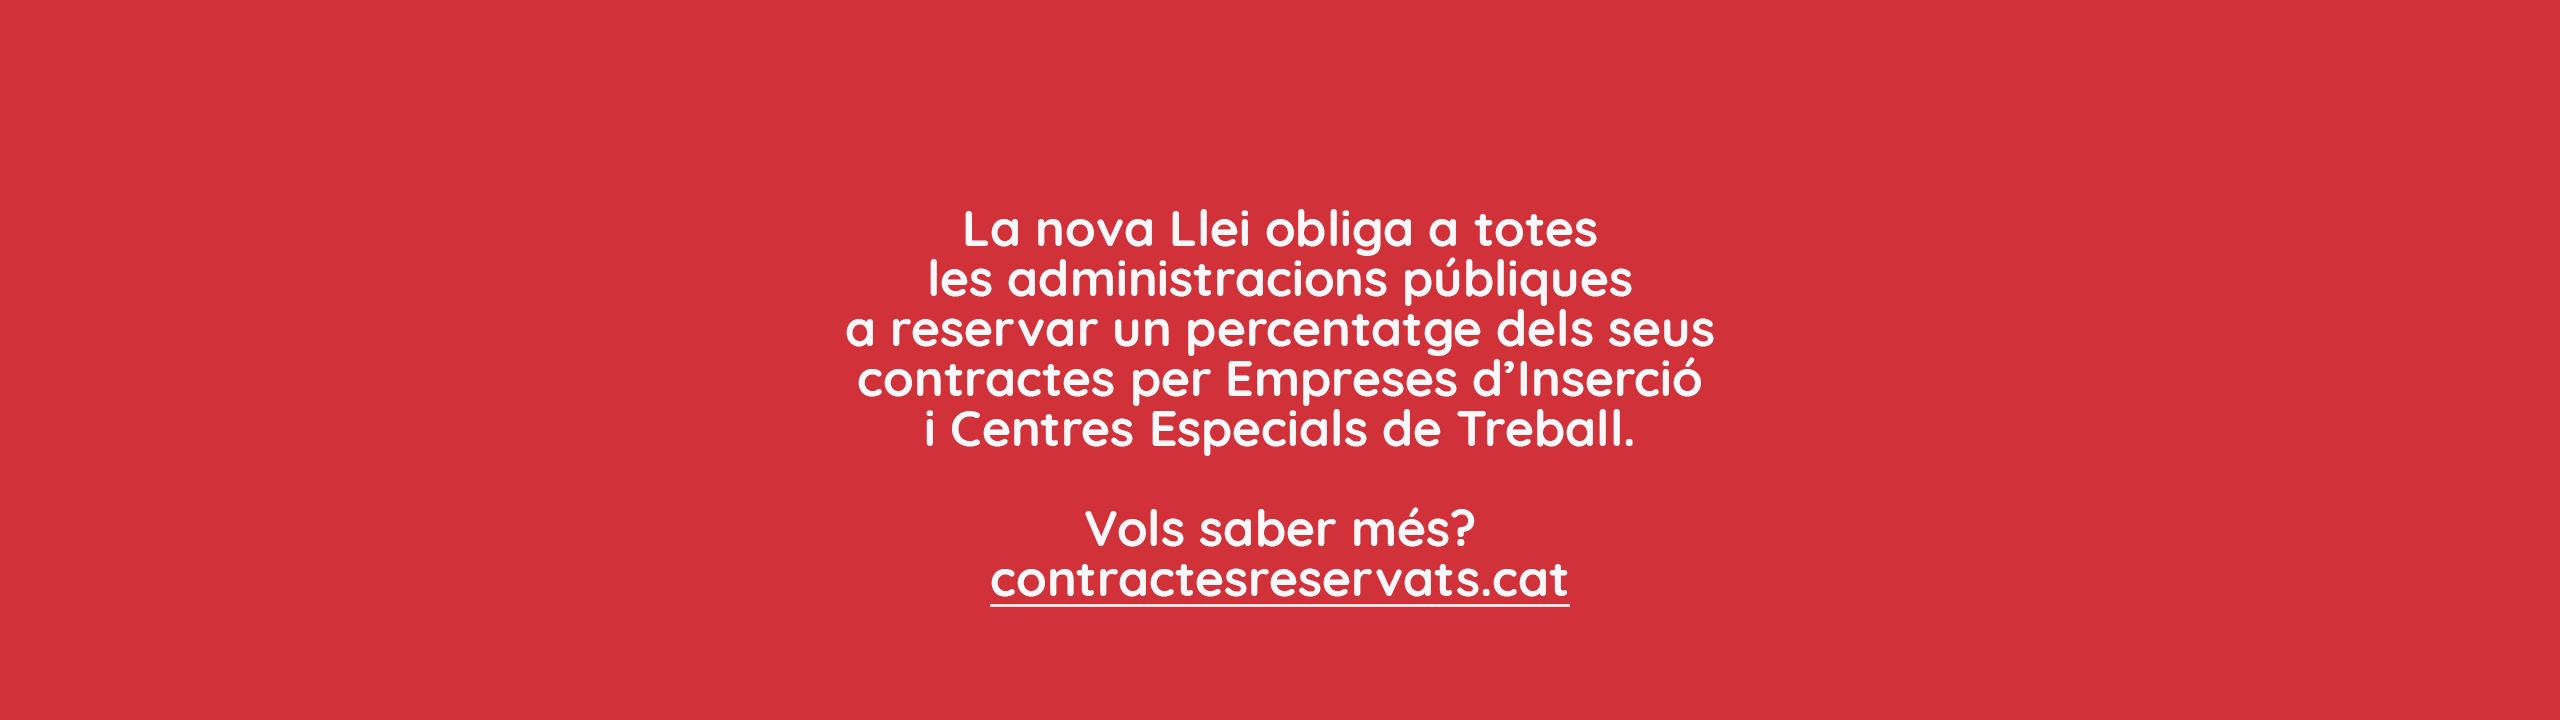 Banner_ContracteReservat_2